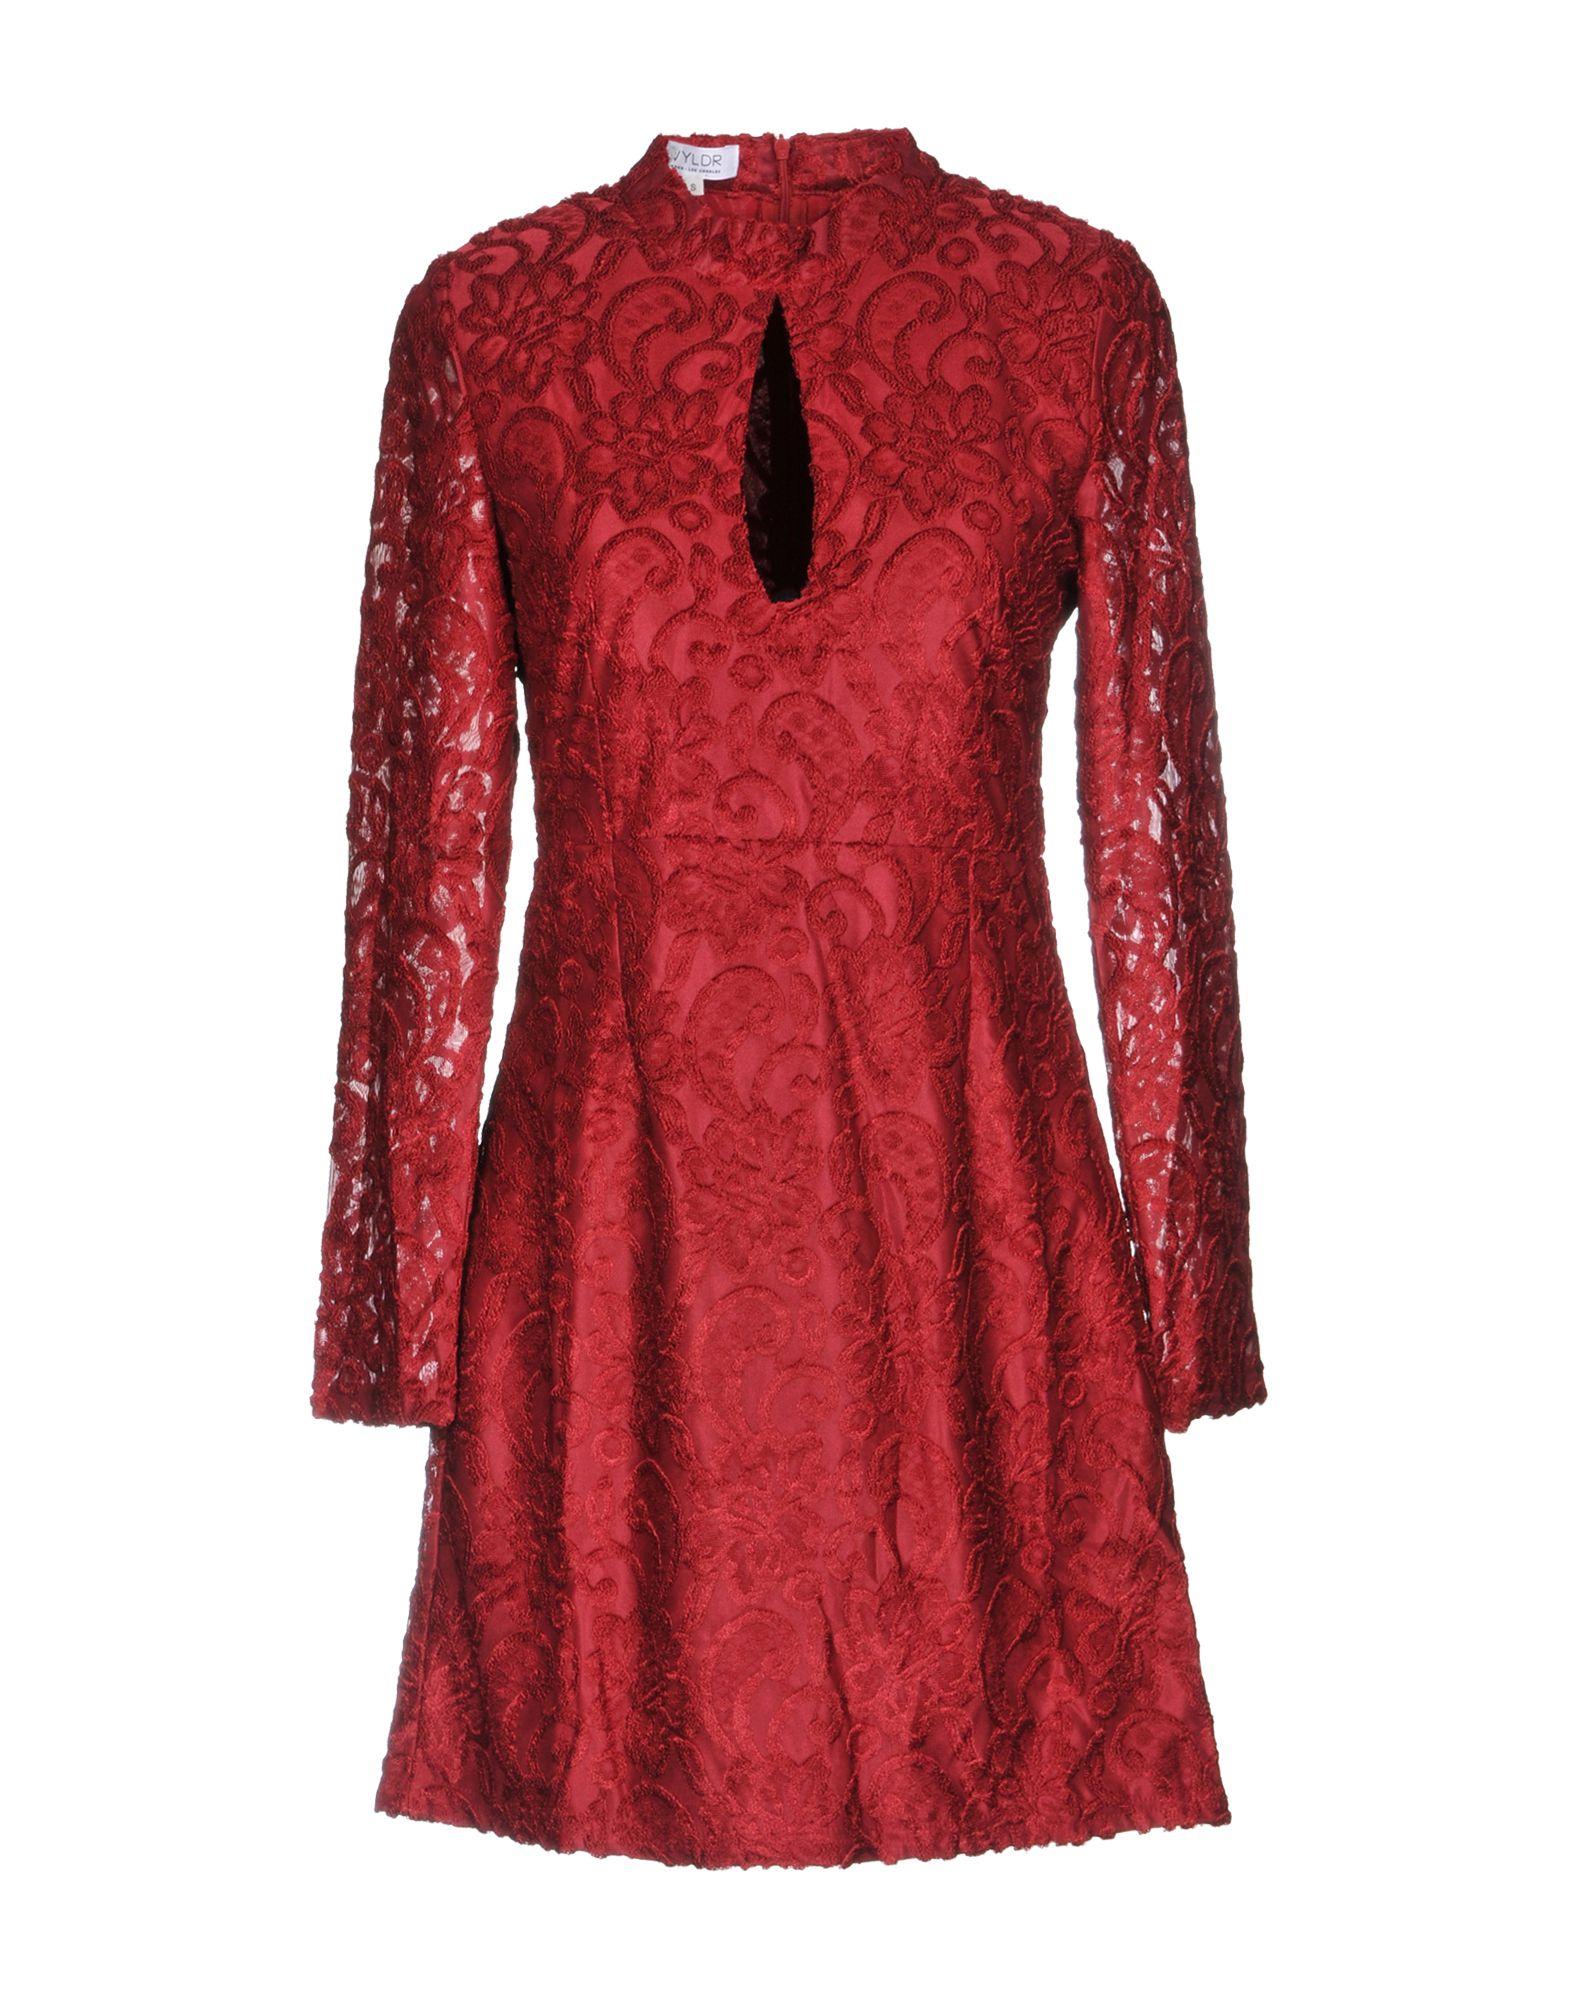 WYLDR Short Dress in Red